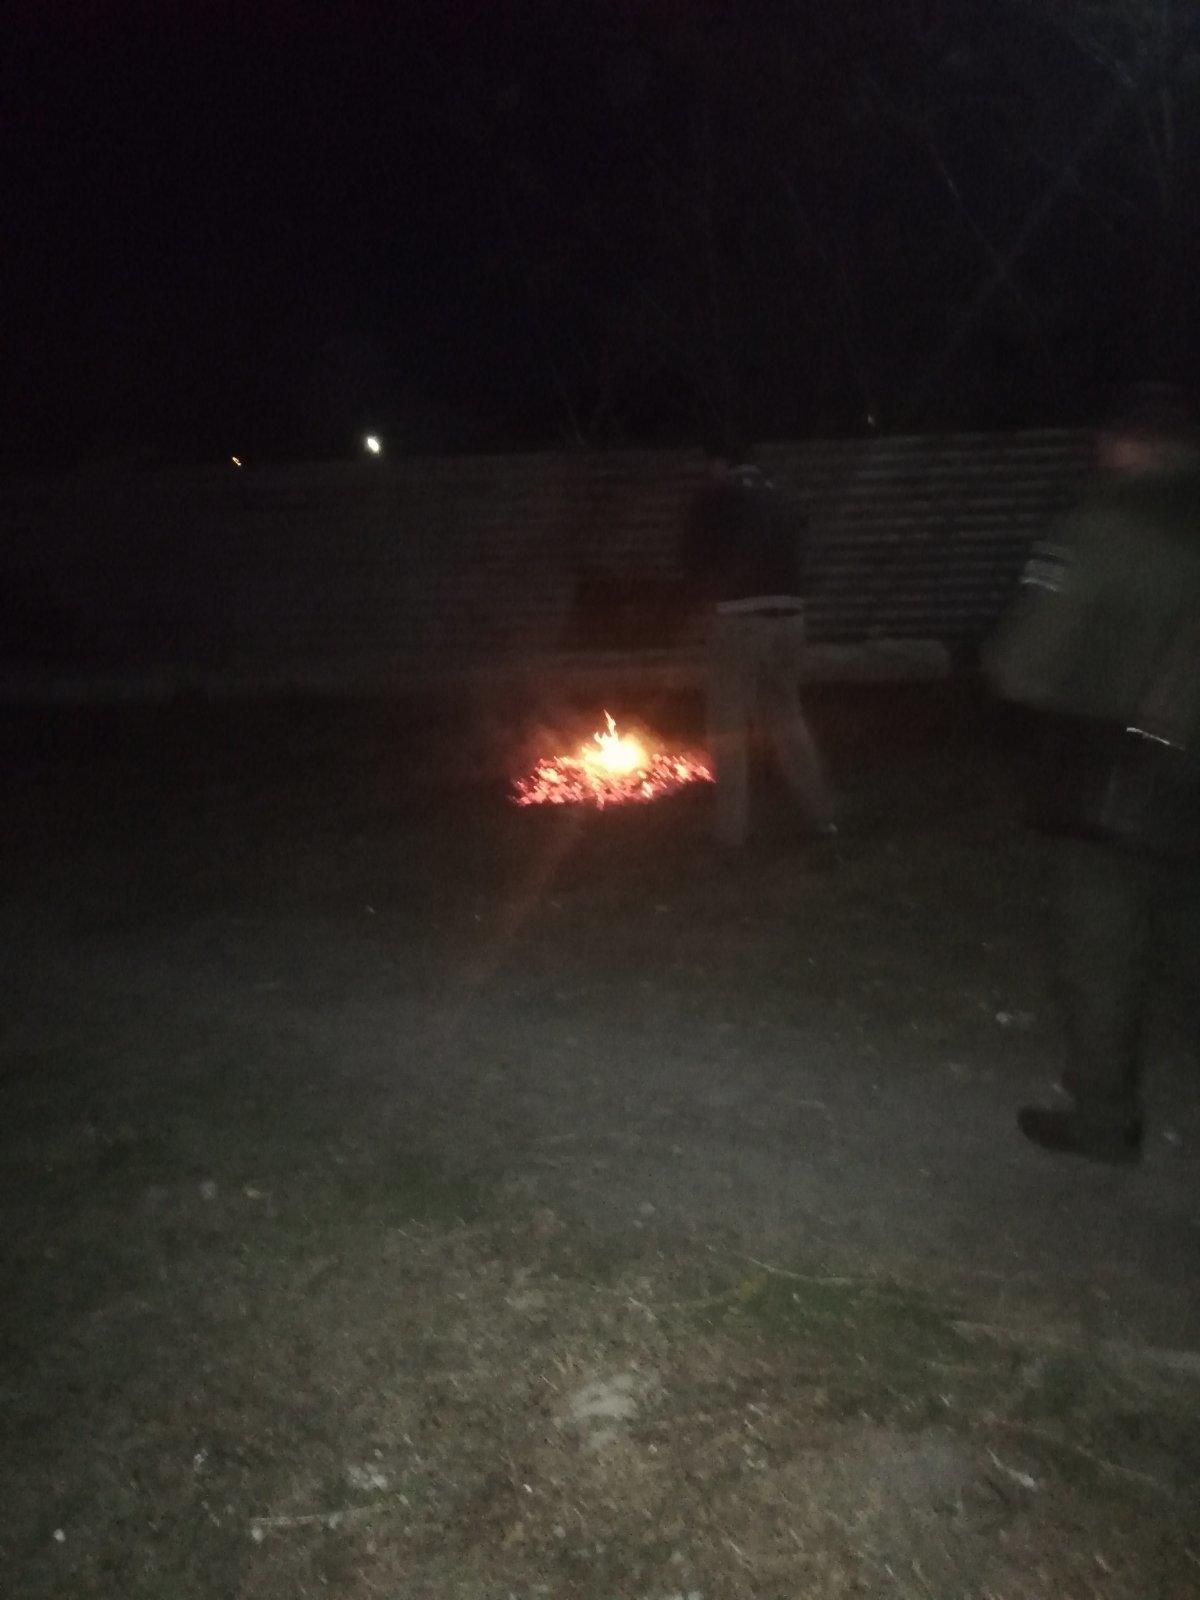 В Мелитополе сжигатель листьев отделался устным предупреждением, фото-2